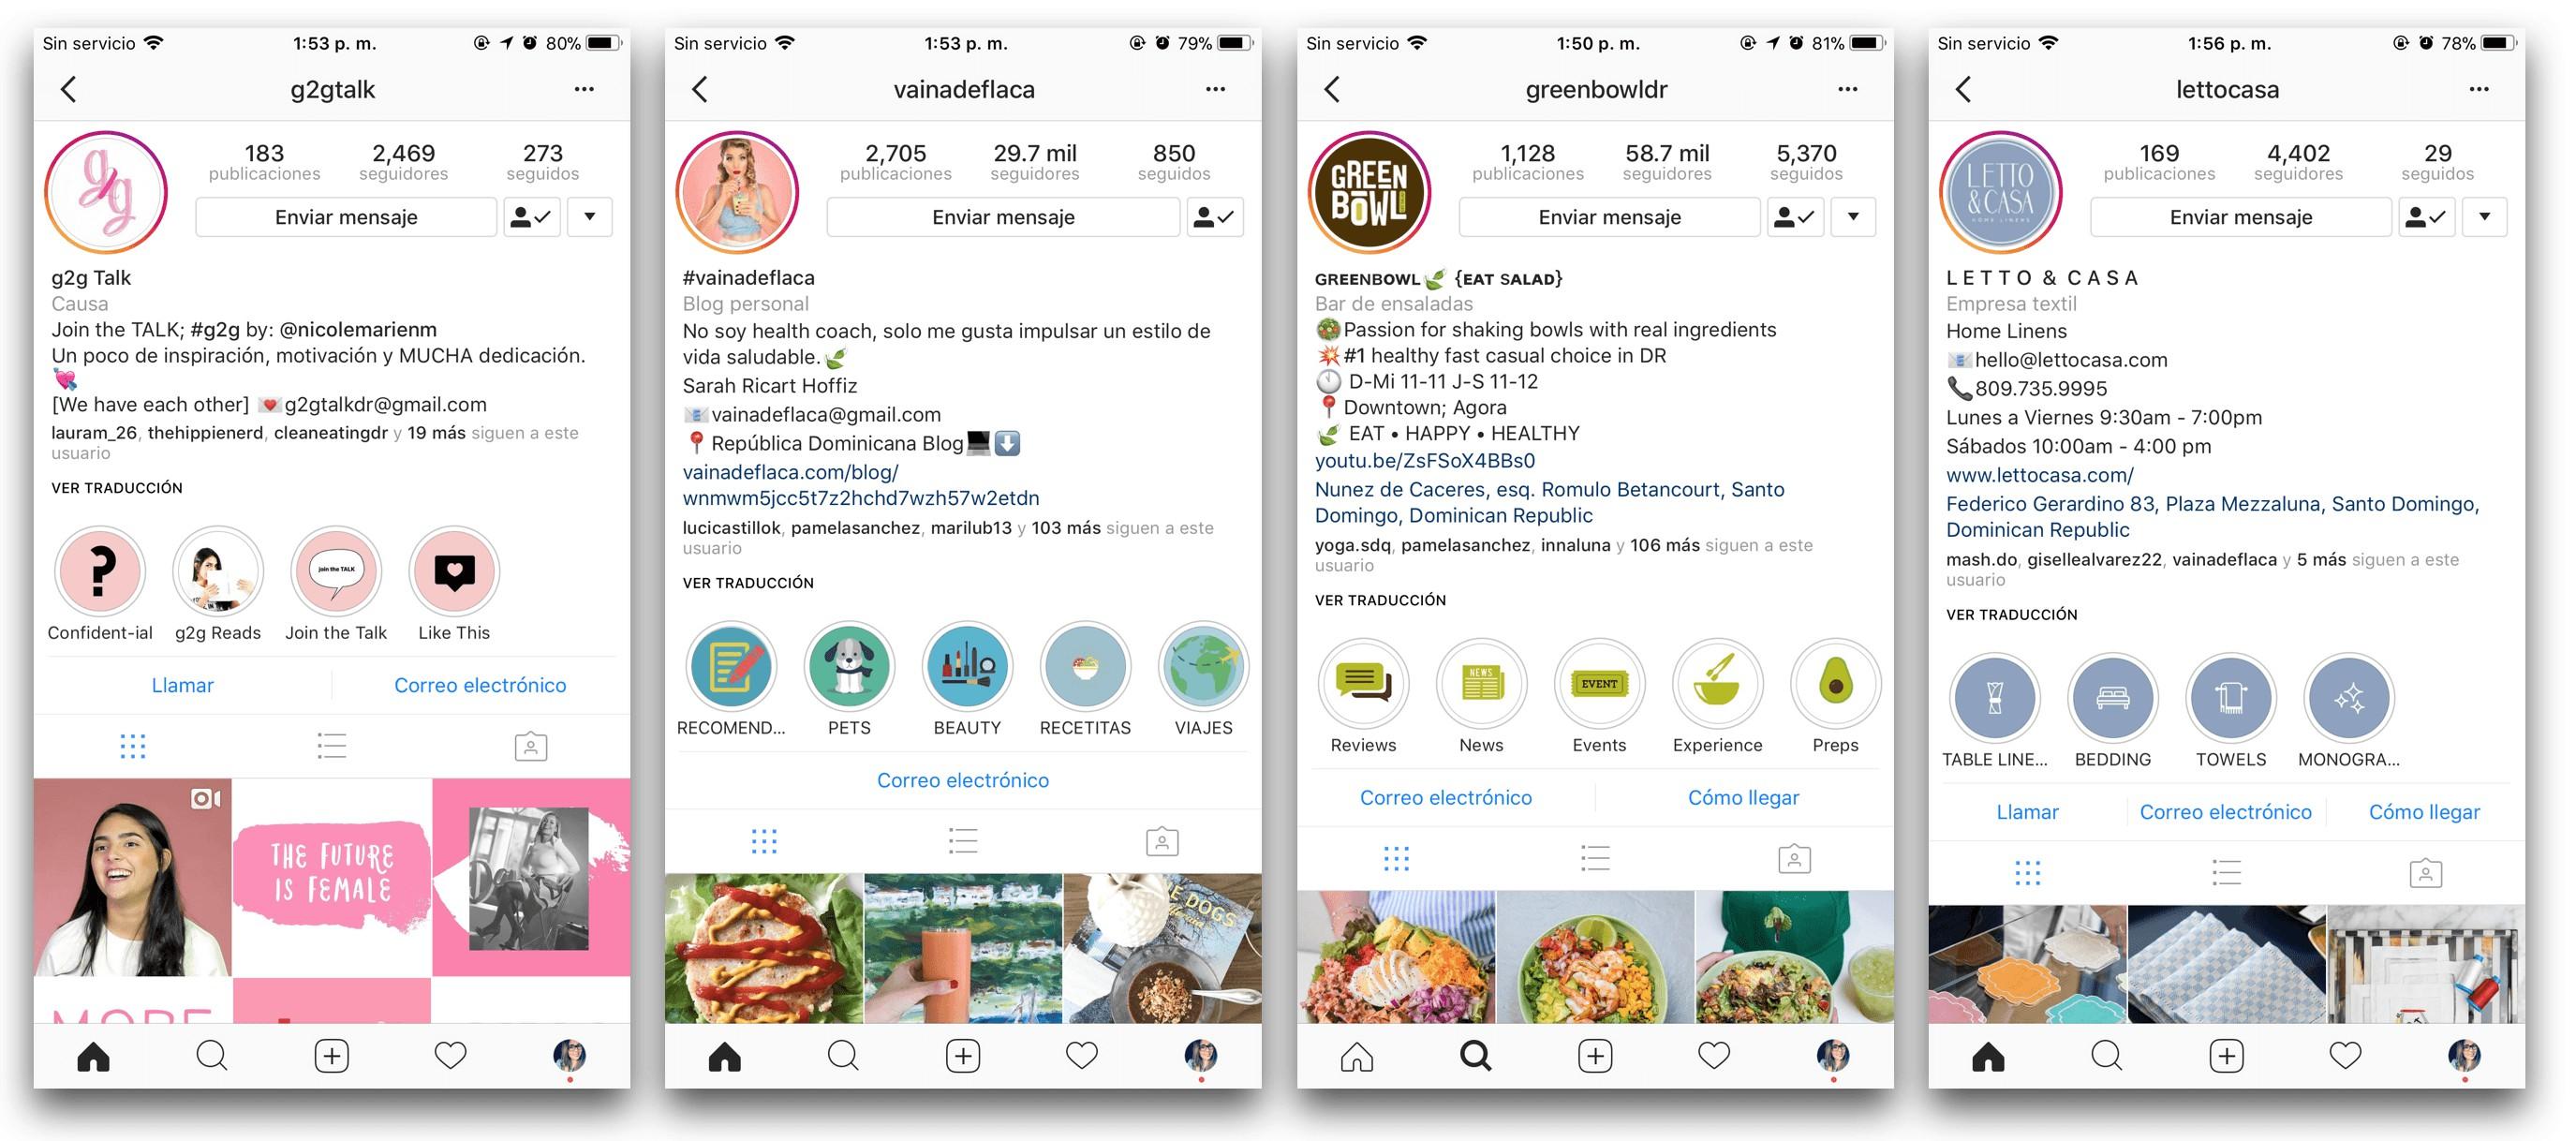 Come mettere storie in primo piano su Instagram 2